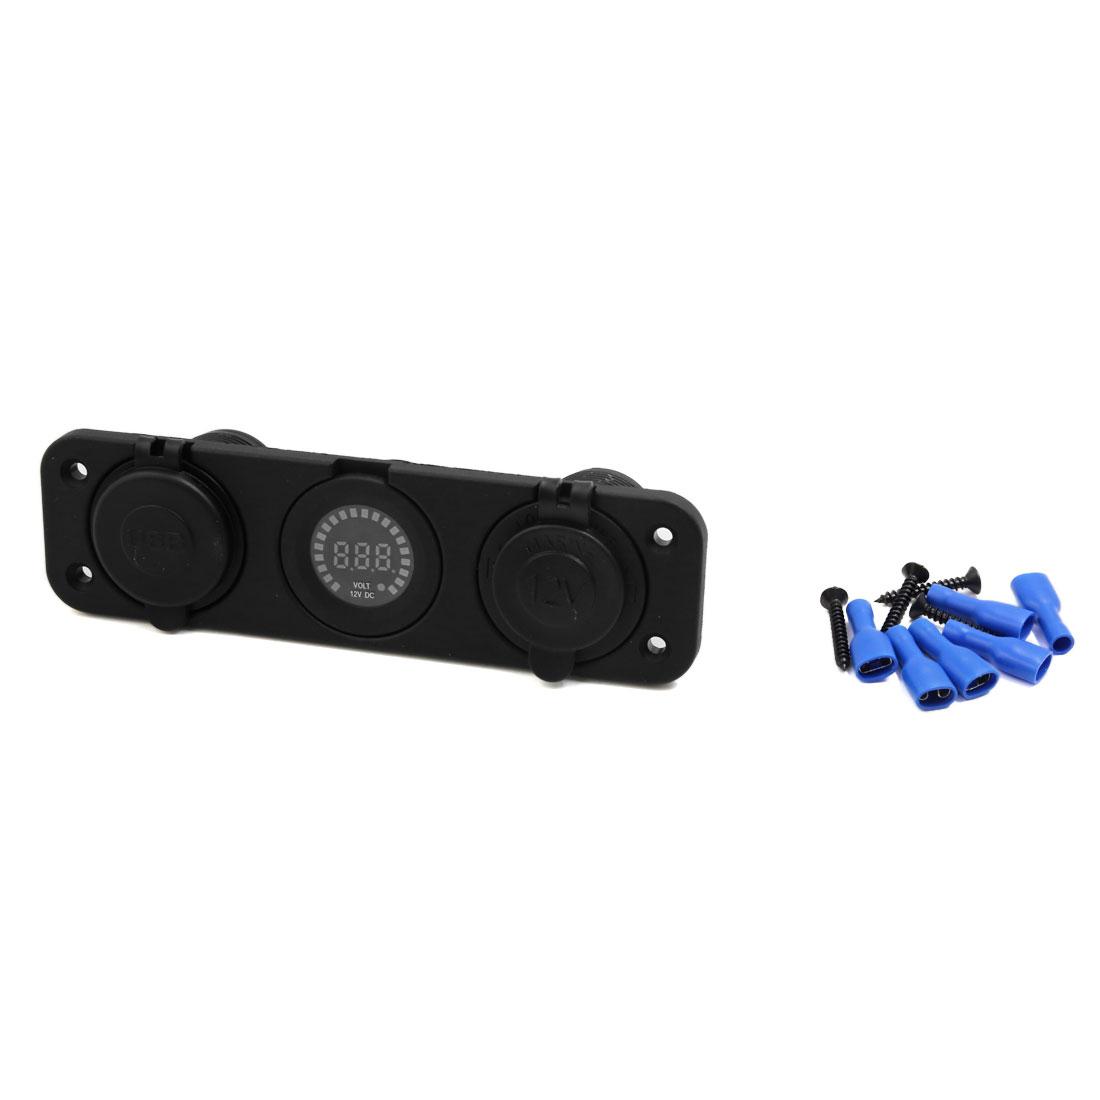 Green Indication USB Charger Voltmeter Digital Cigarette Lighter Socket for Car